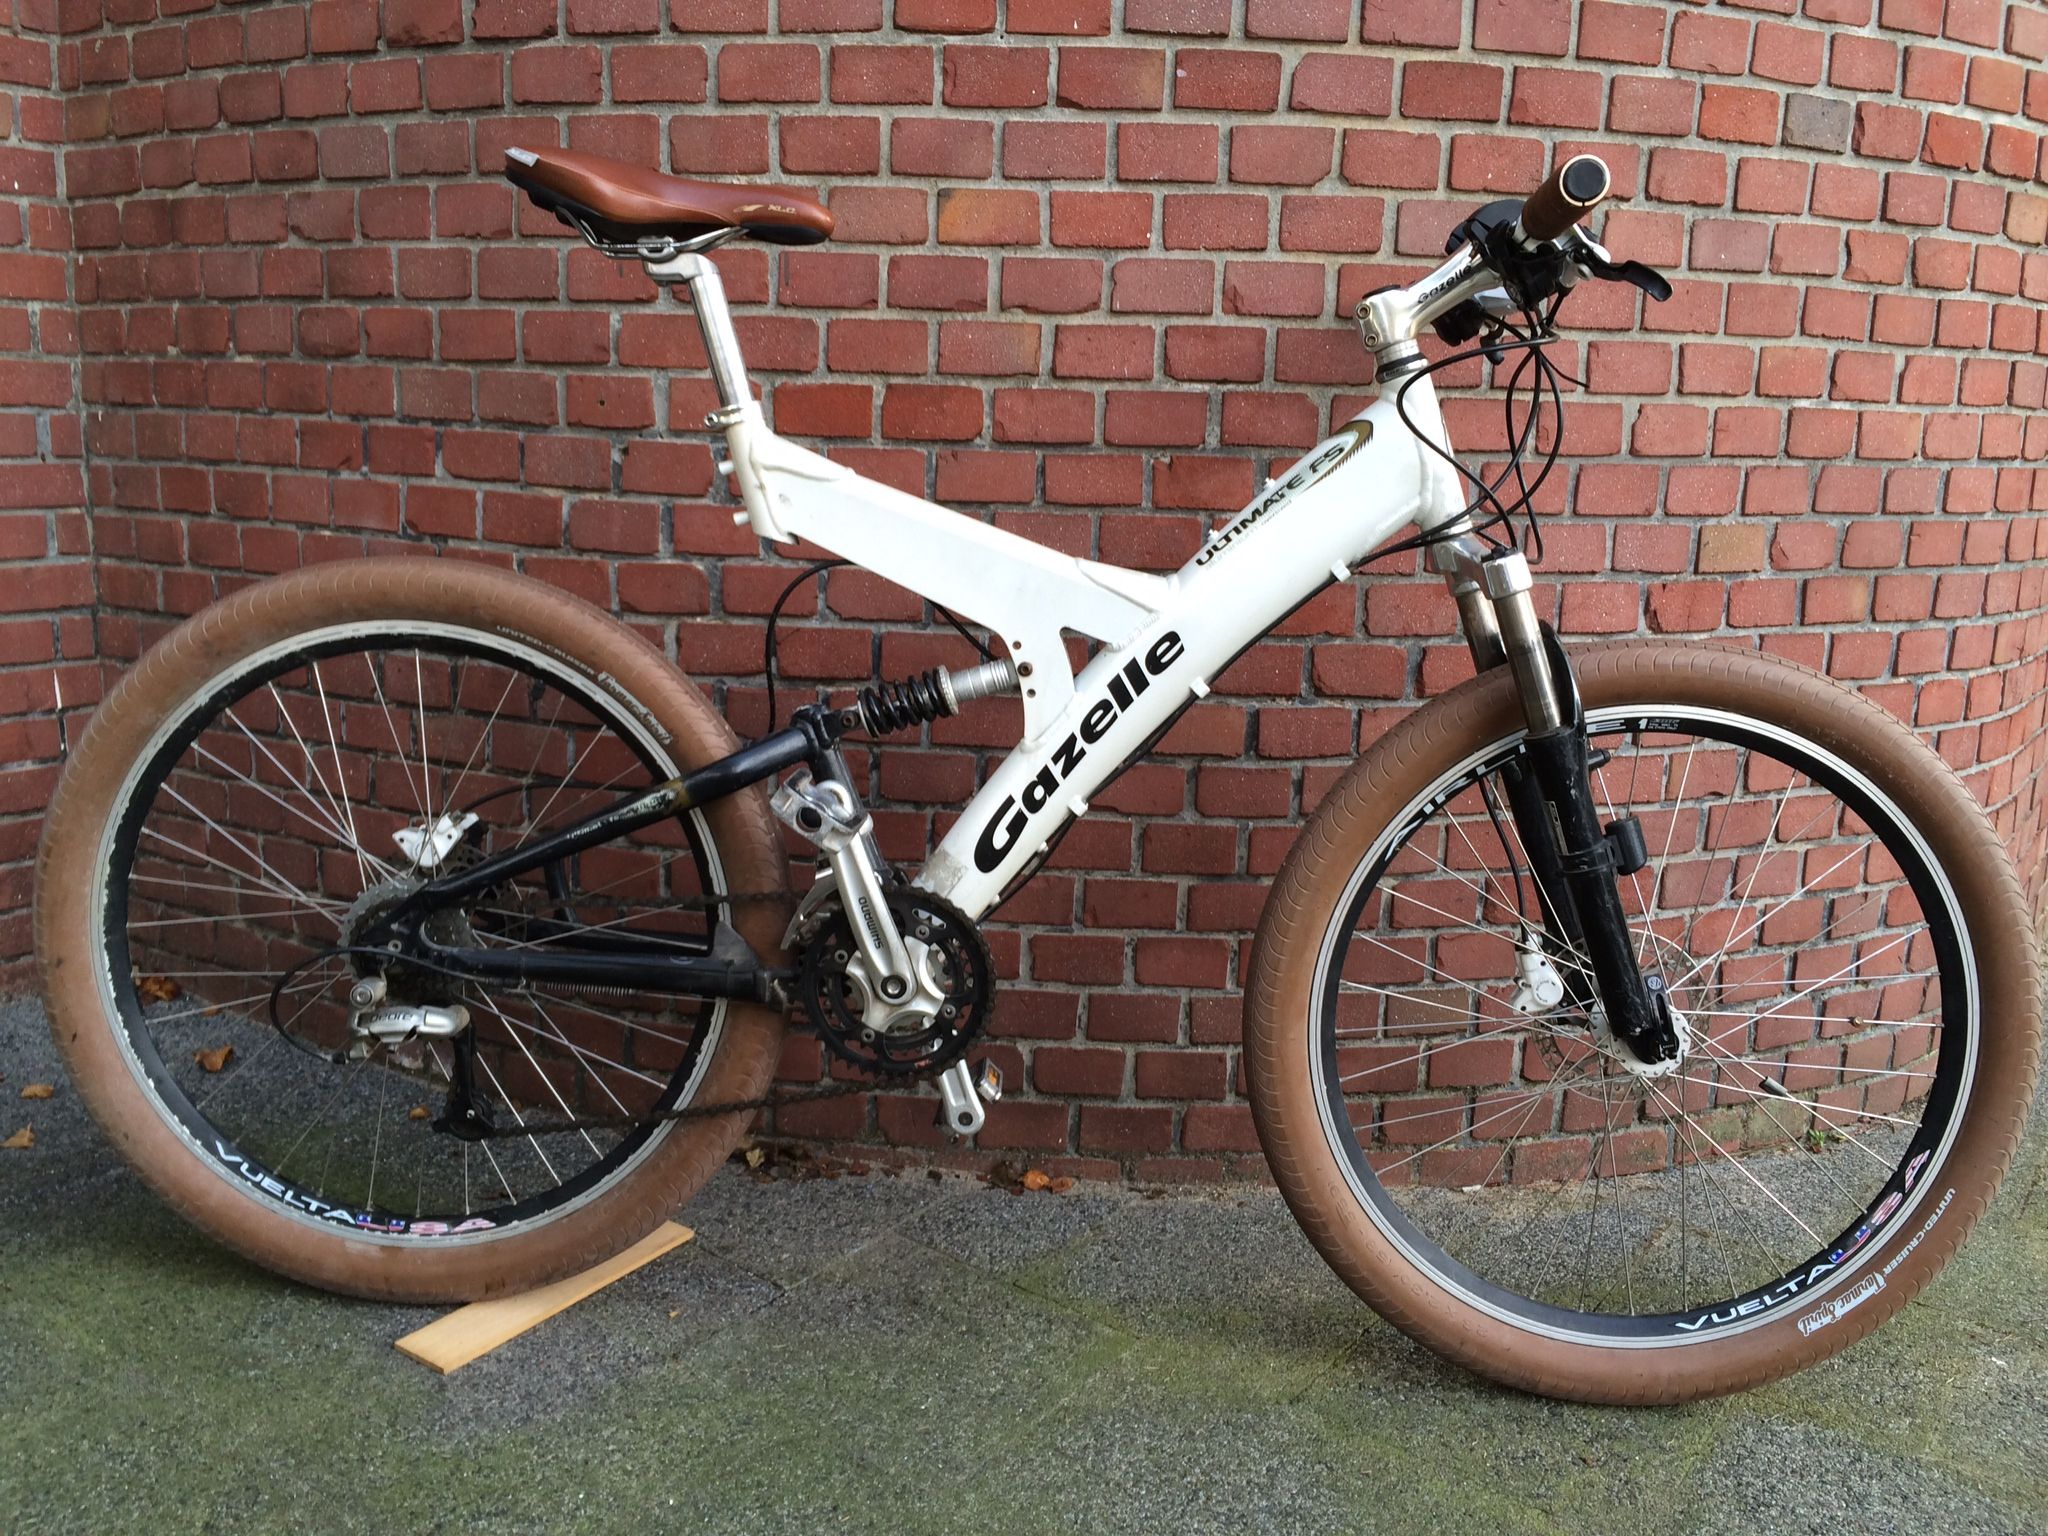 ef778b3831f gazelle Y frame mountainbike | Bicycles